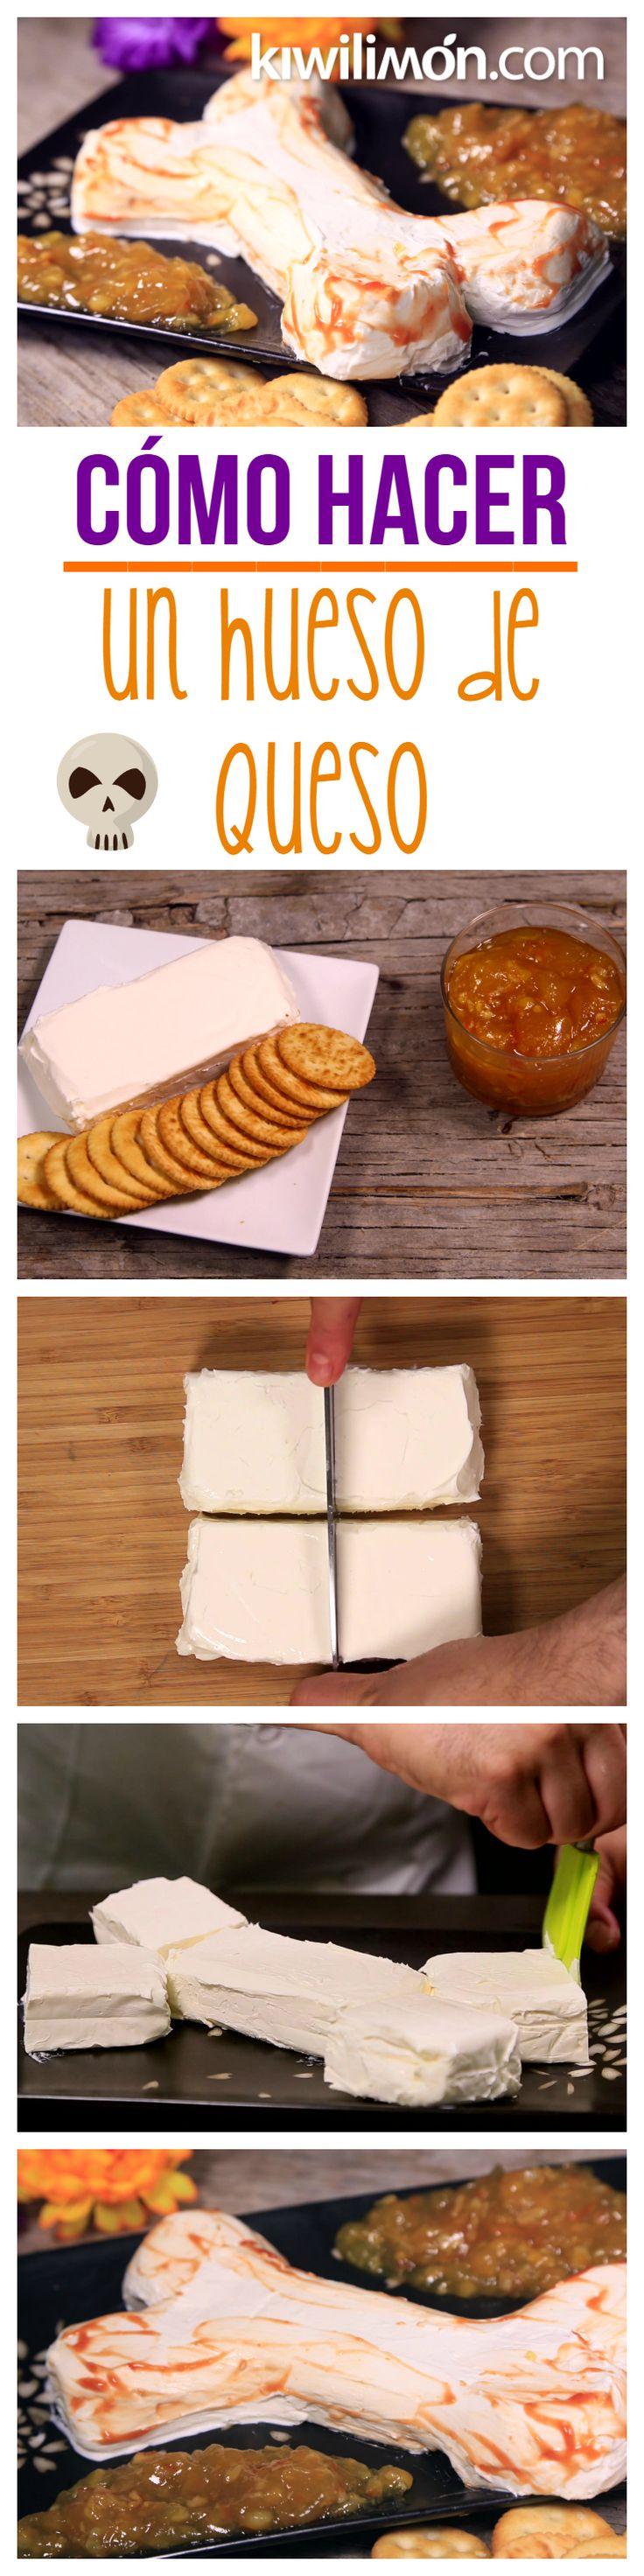 Te presentamos el paso a paso de una deliciosa y divertida botana de queso crema en forma de hueso, ideal para la temporada de Halloween. Es muy fácil de elaborar, es una actividad perfecta para hacerlo con los más chicos de la casa.